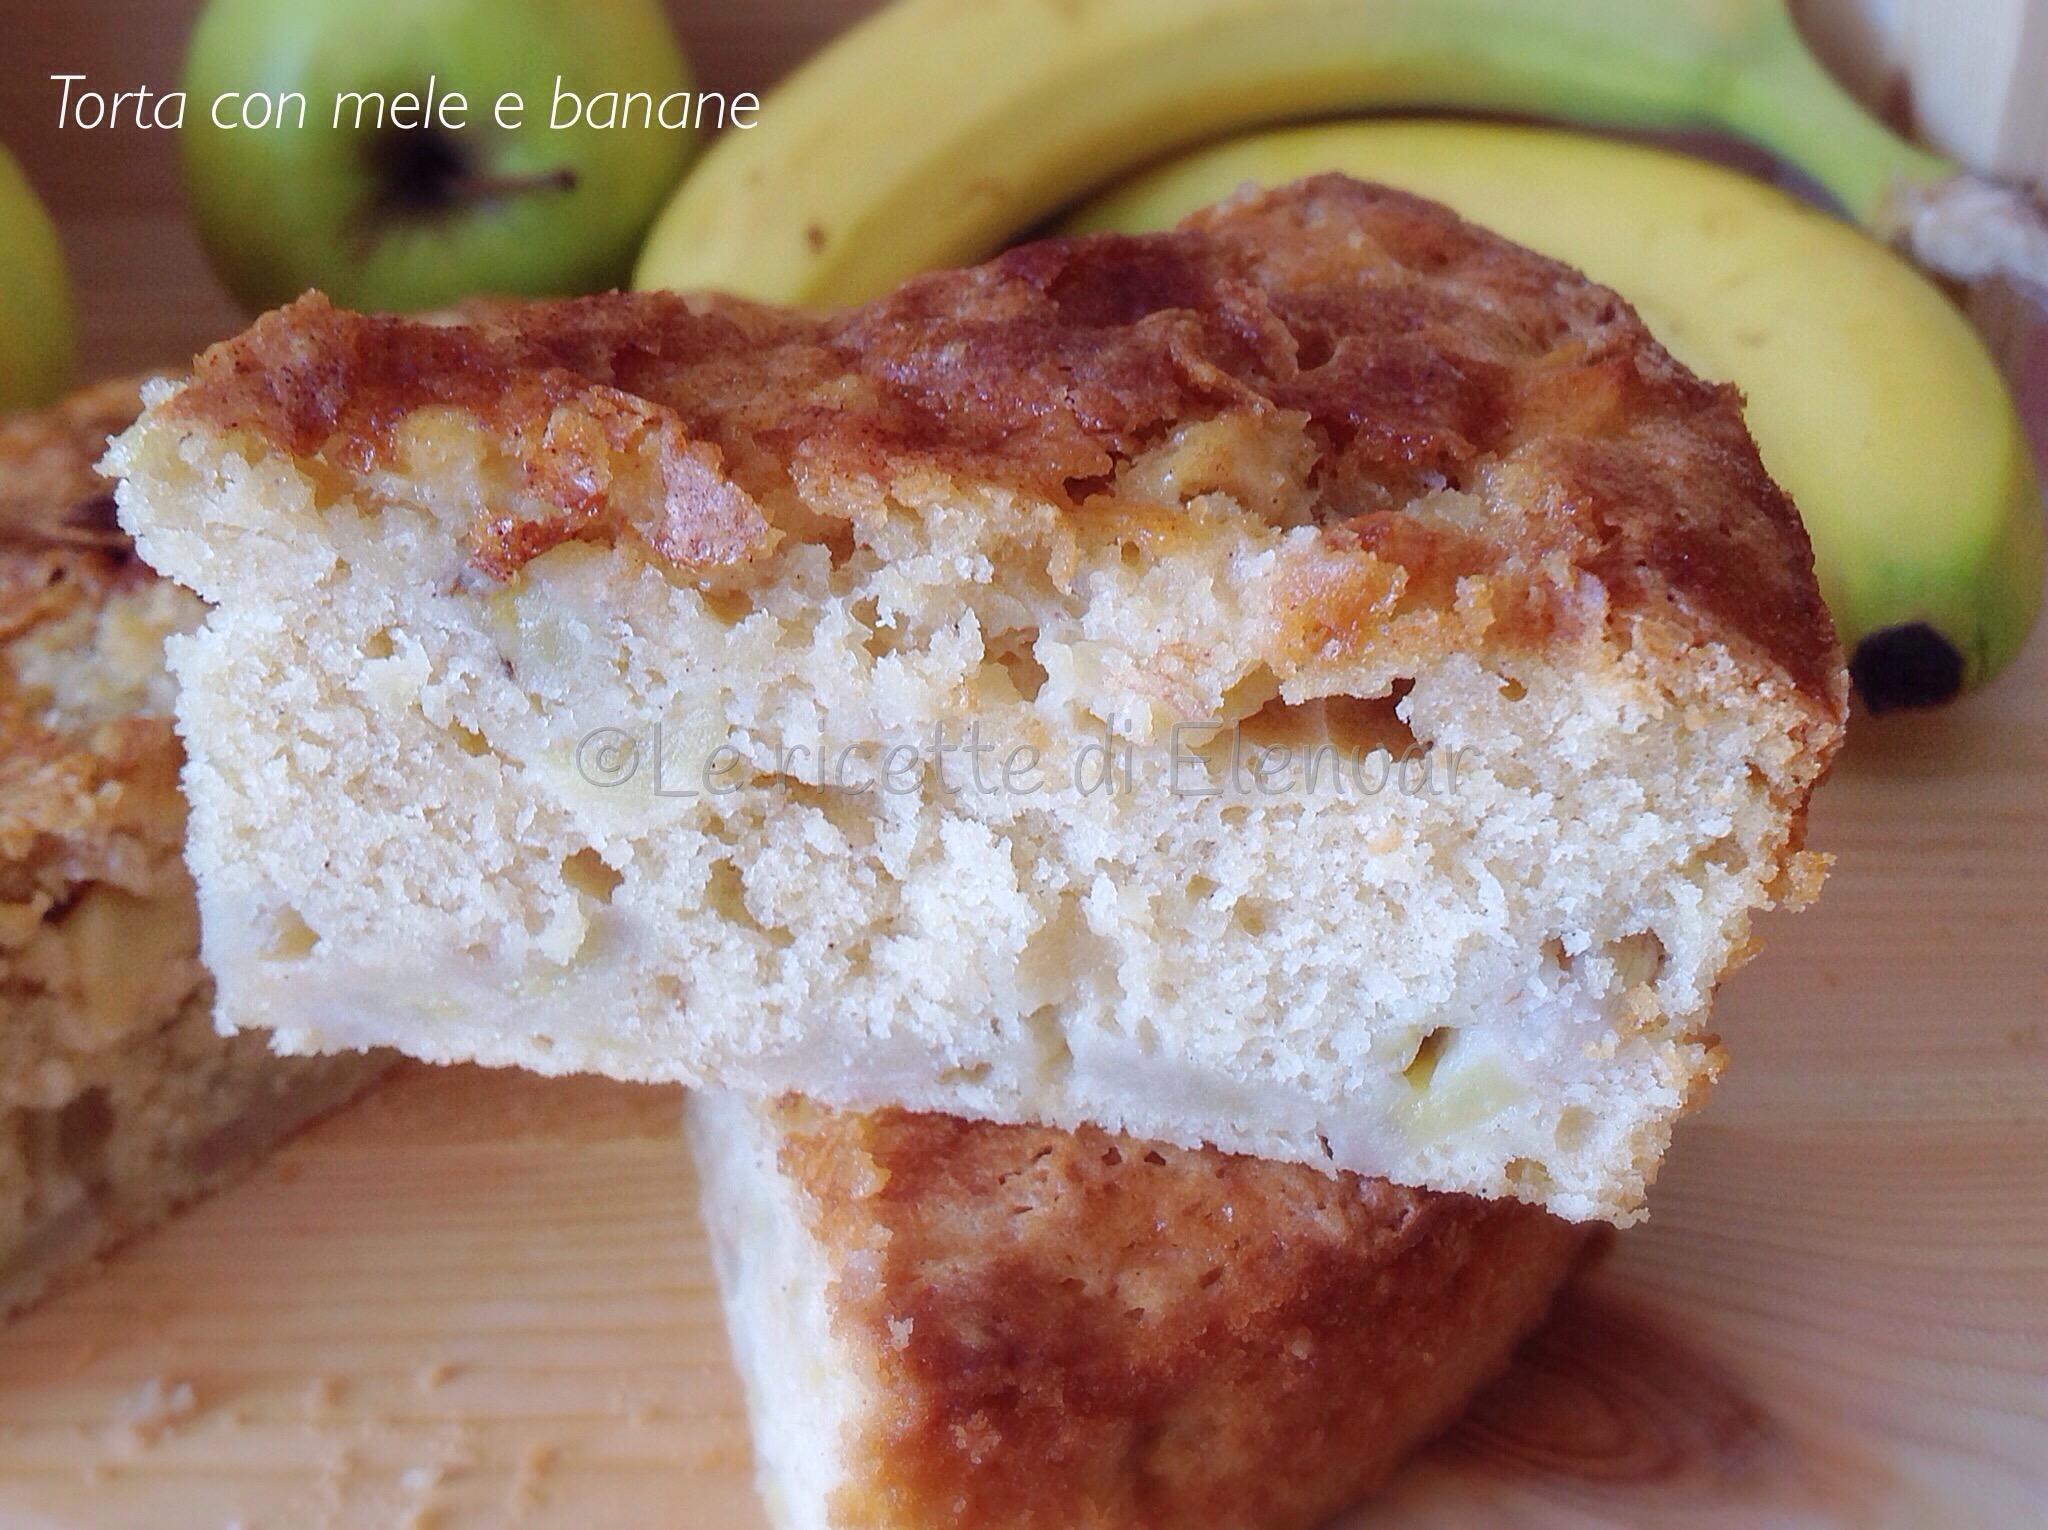 Torta con le mele e banane